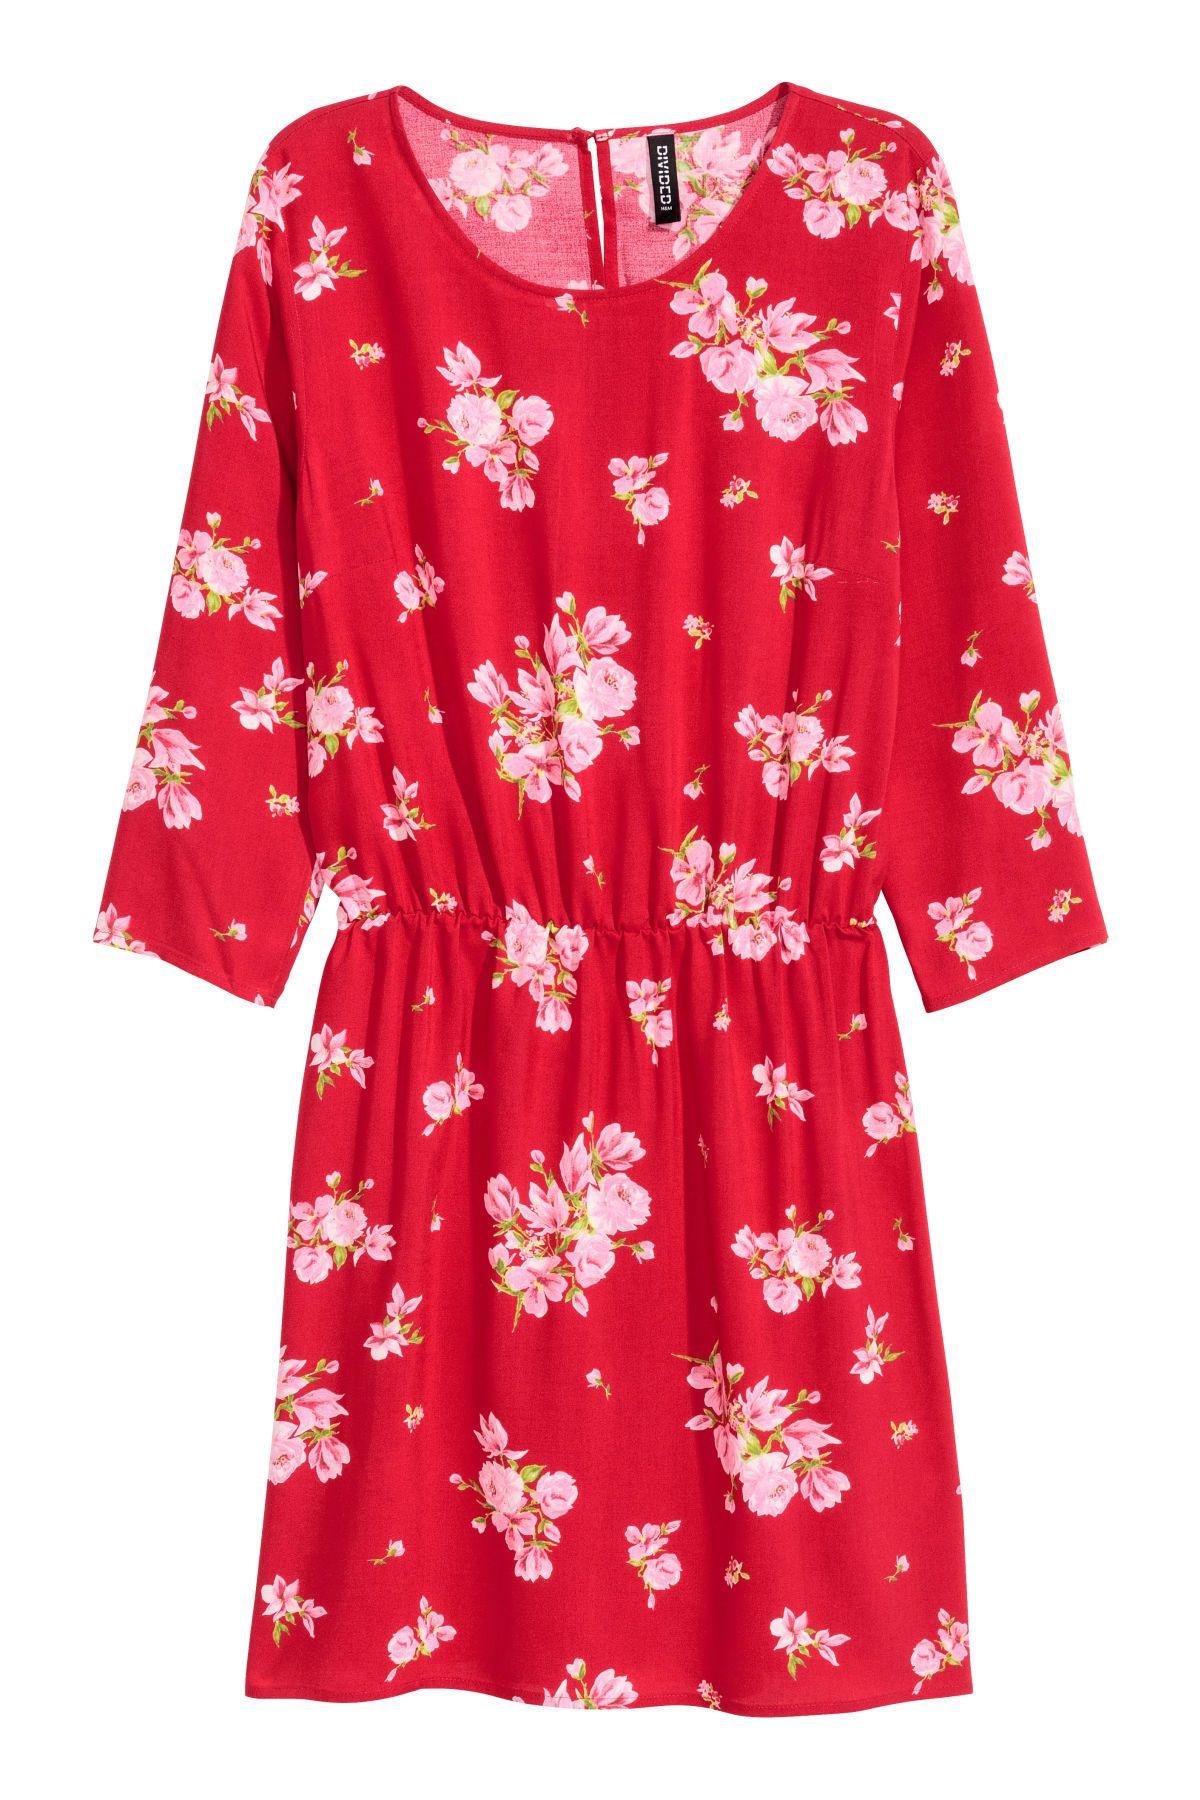 Kurzes Kleid | Rot/Geblümt | SALE | H&M DE | Mode, Kurze ...